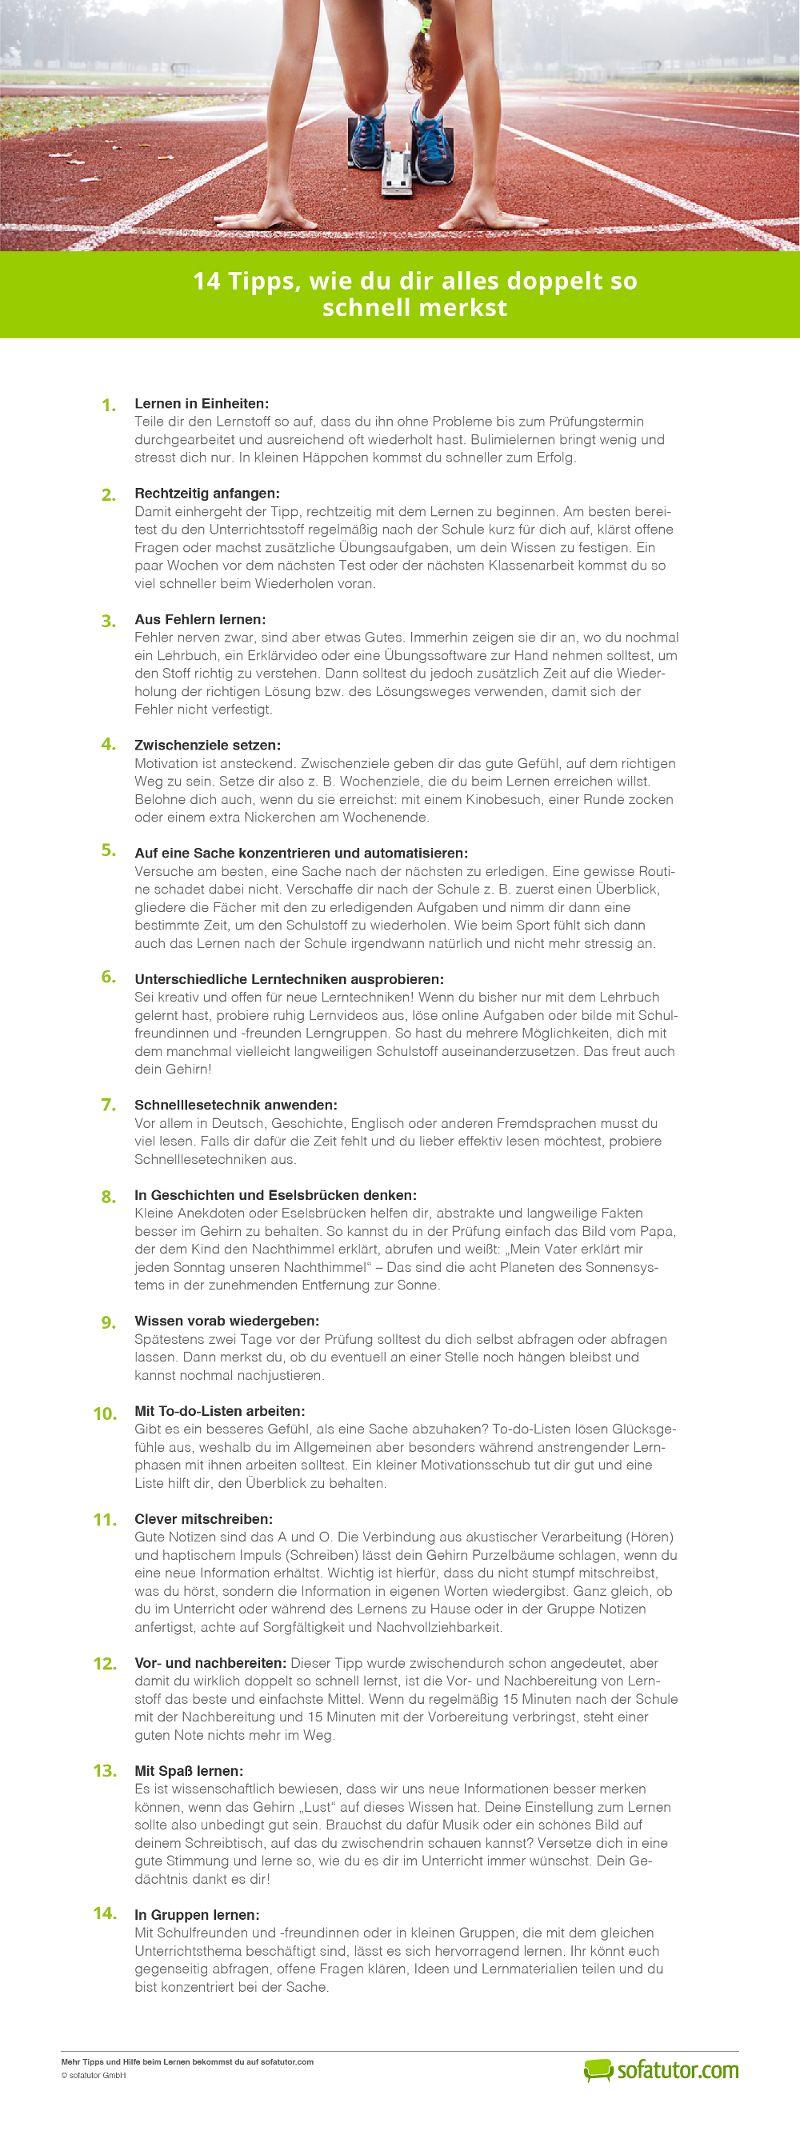 Groß Schnell Fakten Mathe Arbeitsblatt Galerie - Gemischte Übungen ...